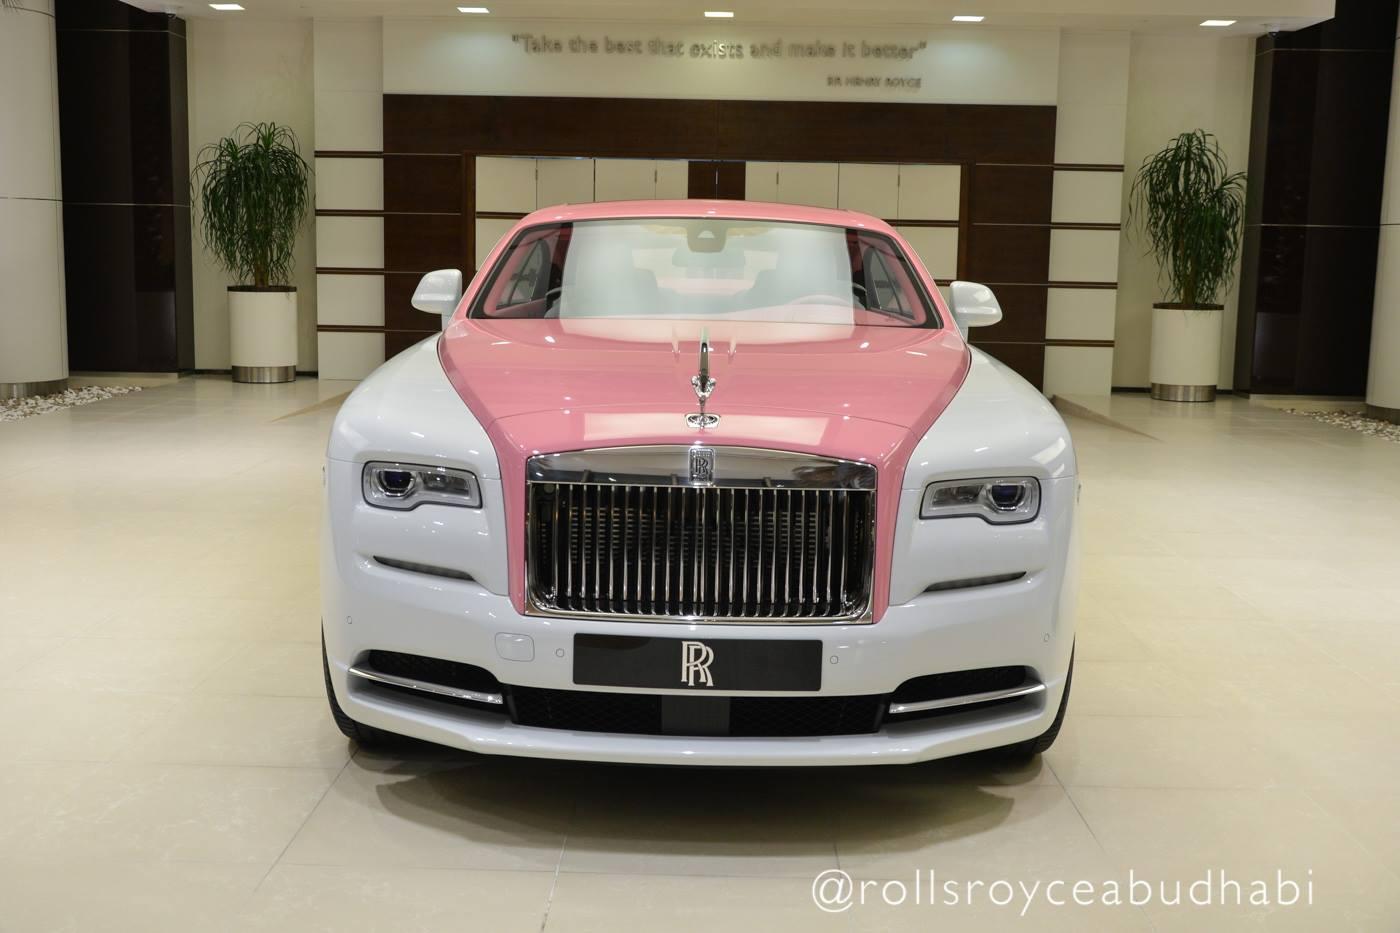 Rolls-Royce Wraith alb-roz - Rolls-Royce Wraith alb-roz